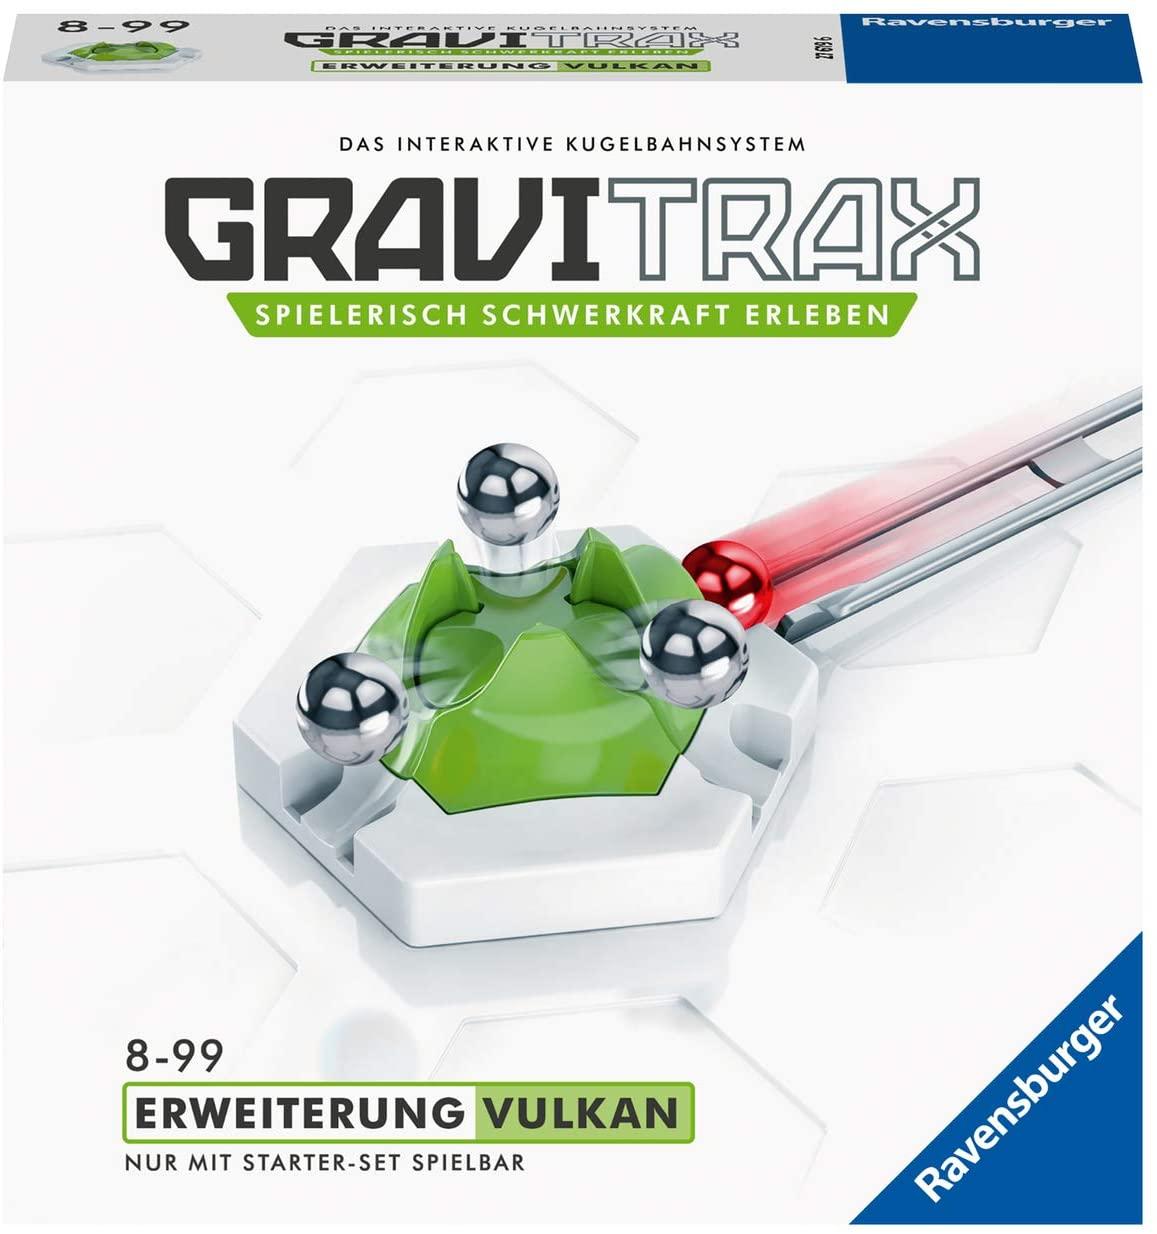 Gravitrax Vulcano